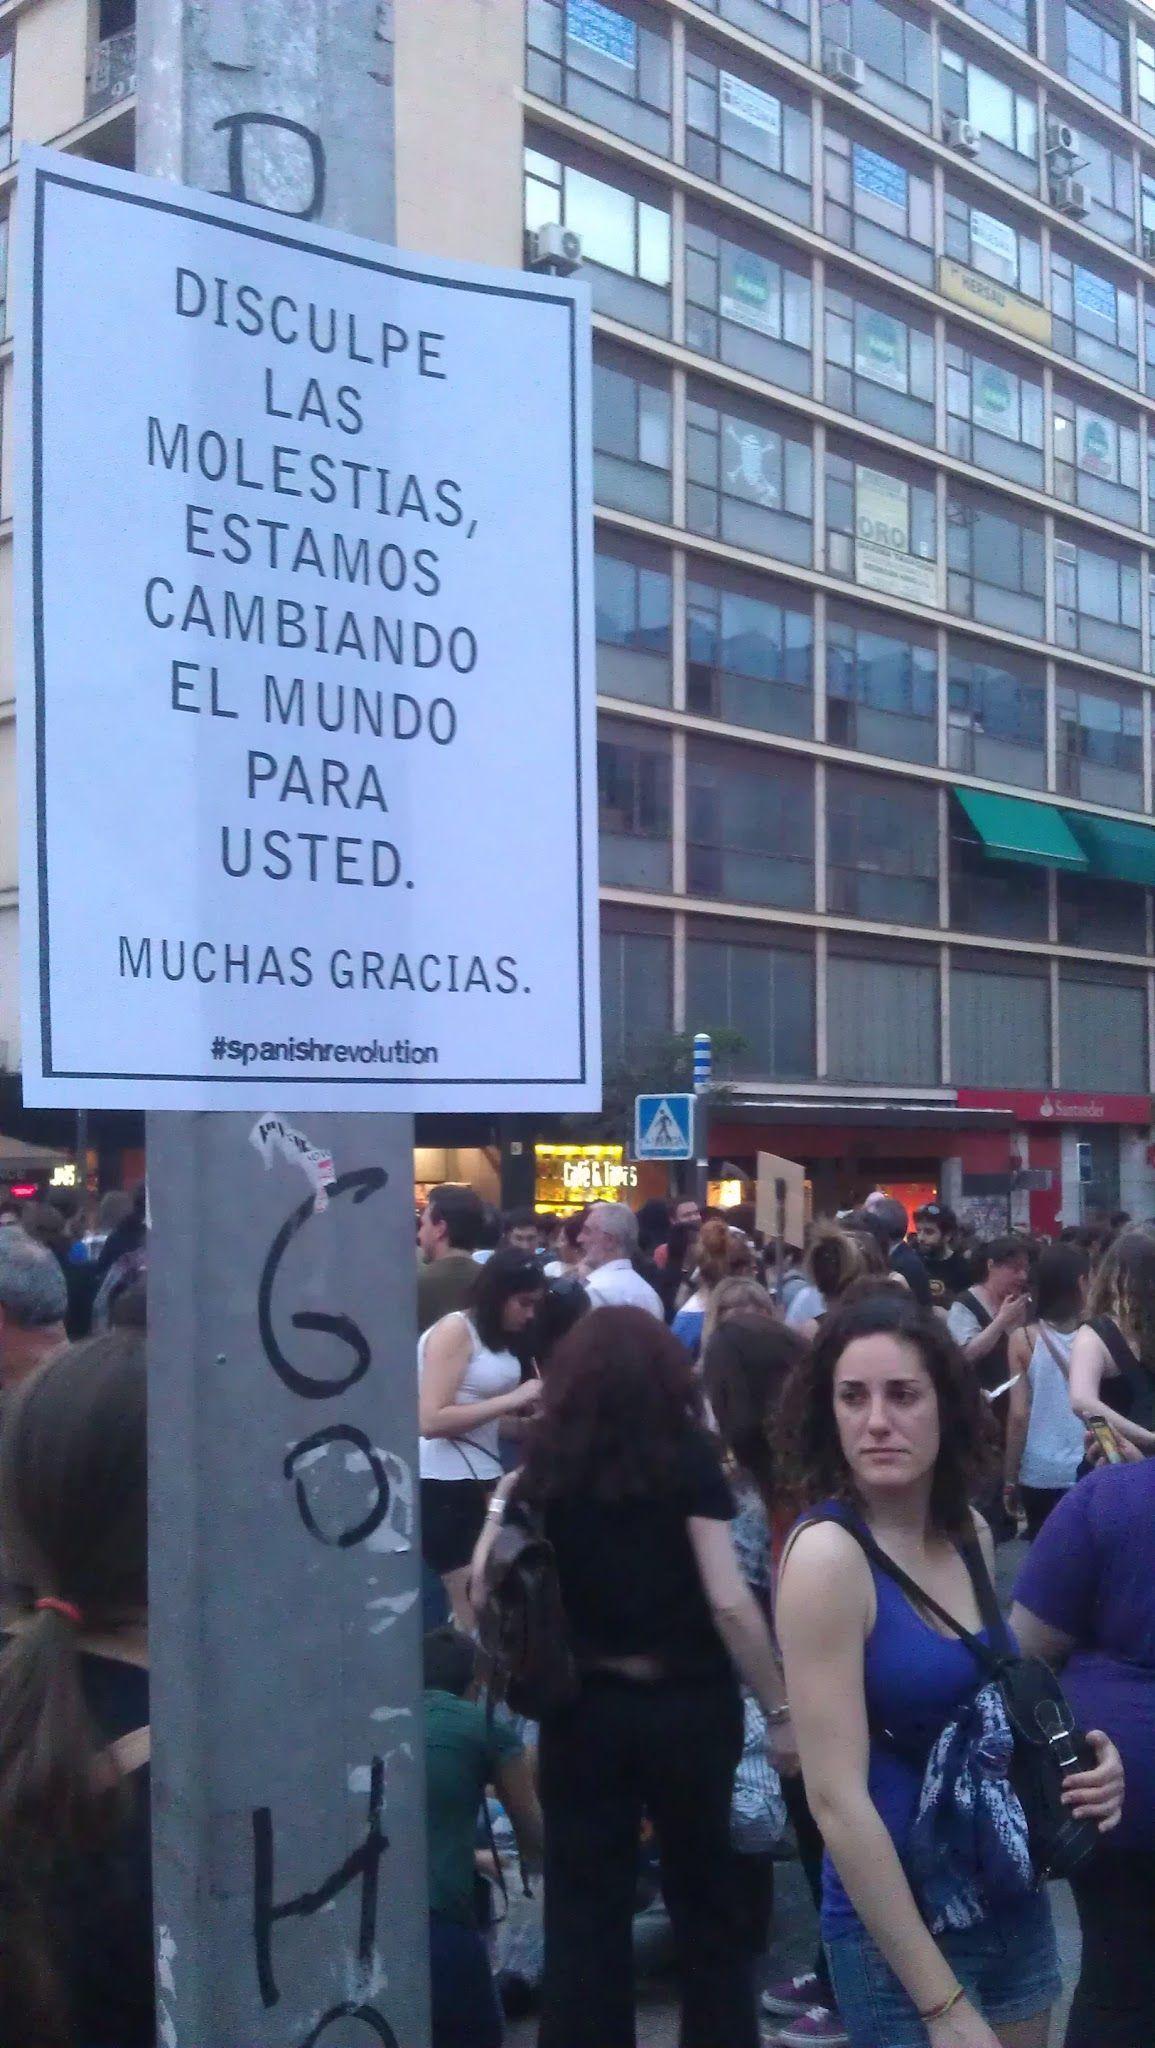 """""""Disculpe las molestias, estamos cambiando el mundo para usted, muchas gracias"""" #spanishrevolution - Fotografiado ayer 12 de mayo #12m de 2012 en la Plaza de Jacinto Benavente, muy cerca de la Puerta del Sol de Madrid."""